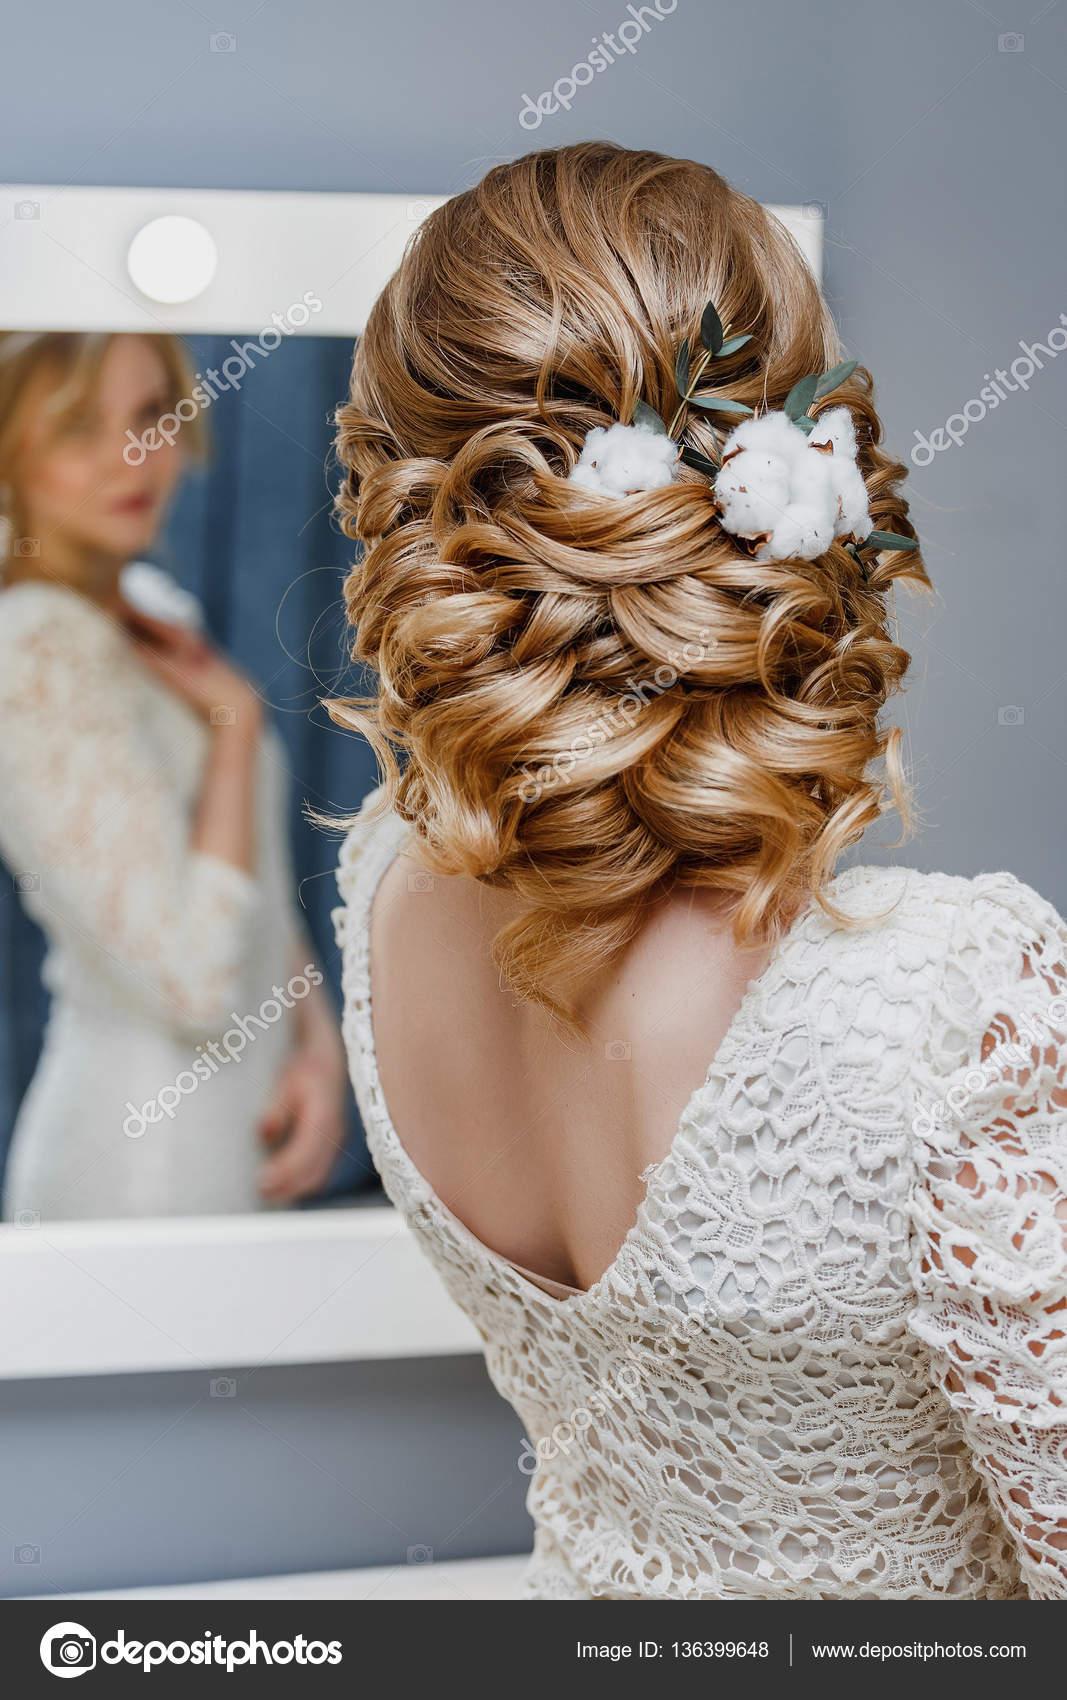 Ruckansicht Einer Braut Mit Geschweiften Hochzeitsfrisur Mit